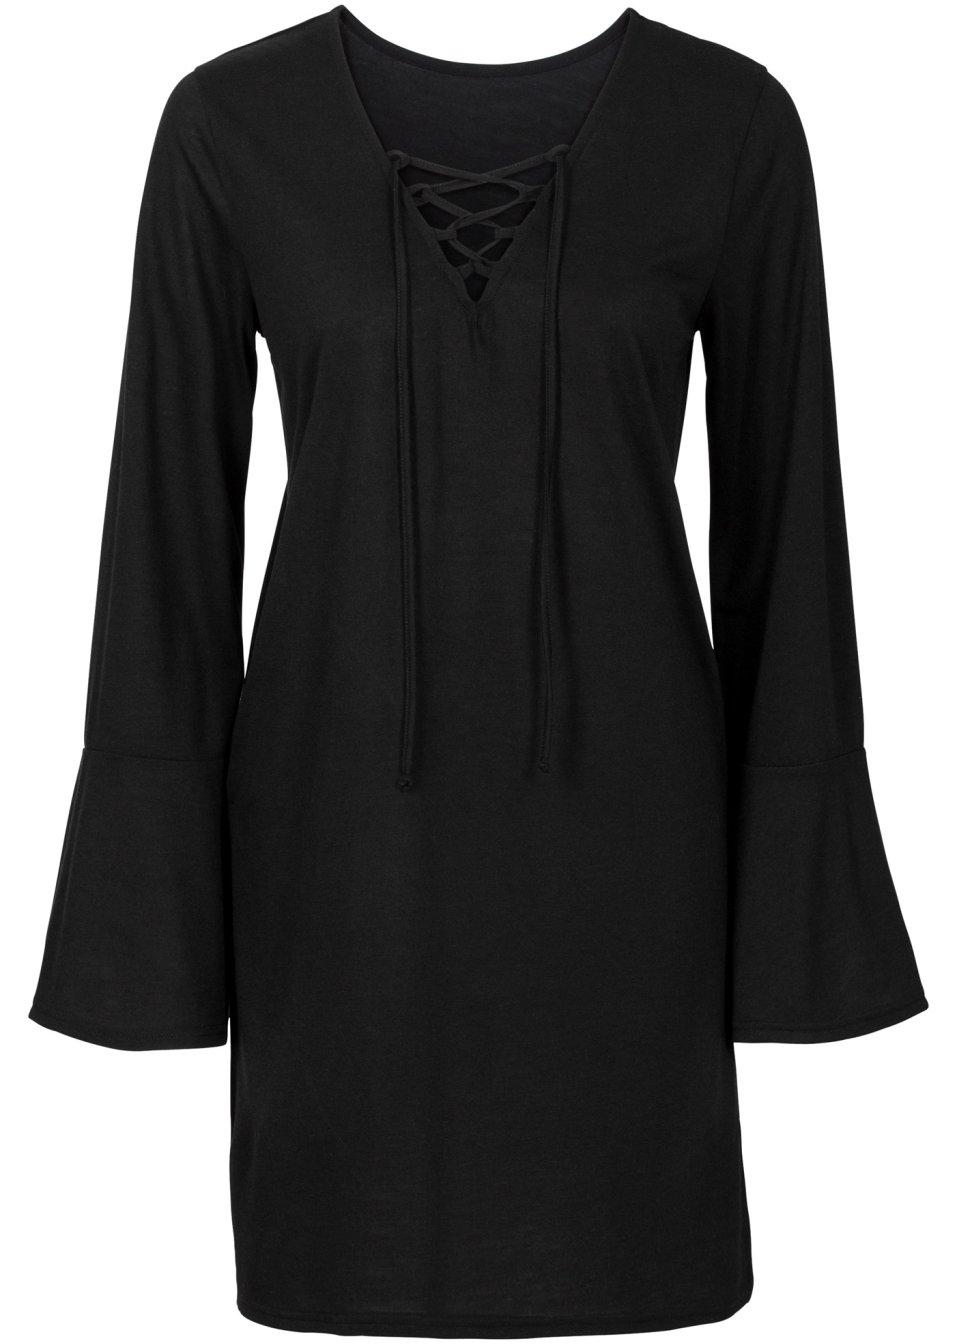 angesagtes tunika shirt mit schn rung schwarz. Black Bedroom Furniture Sets. Home Design Ideas